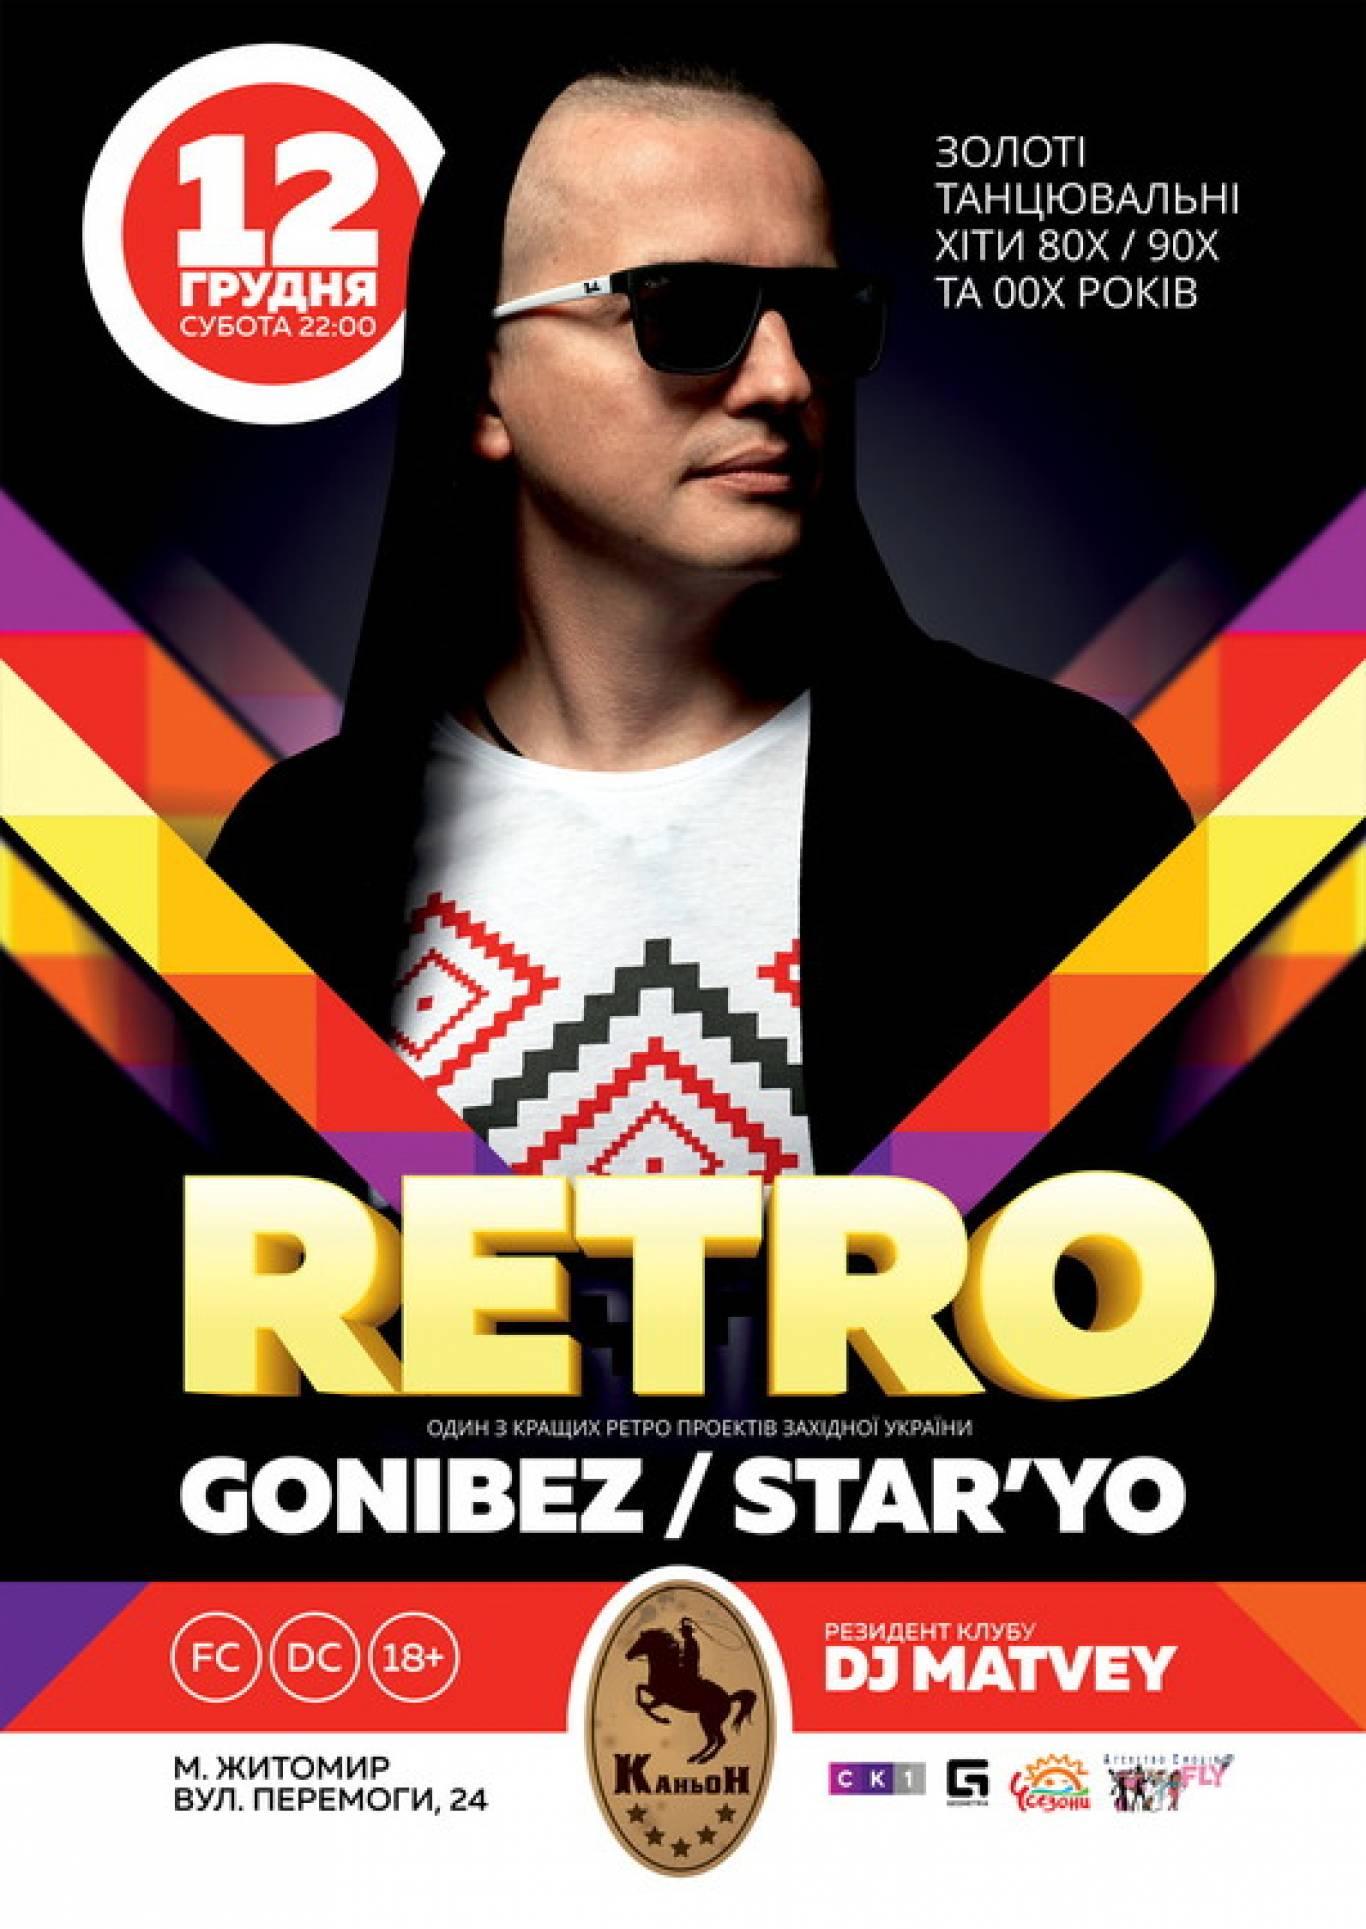 RETRO by GONIBEZ/STAR'YO